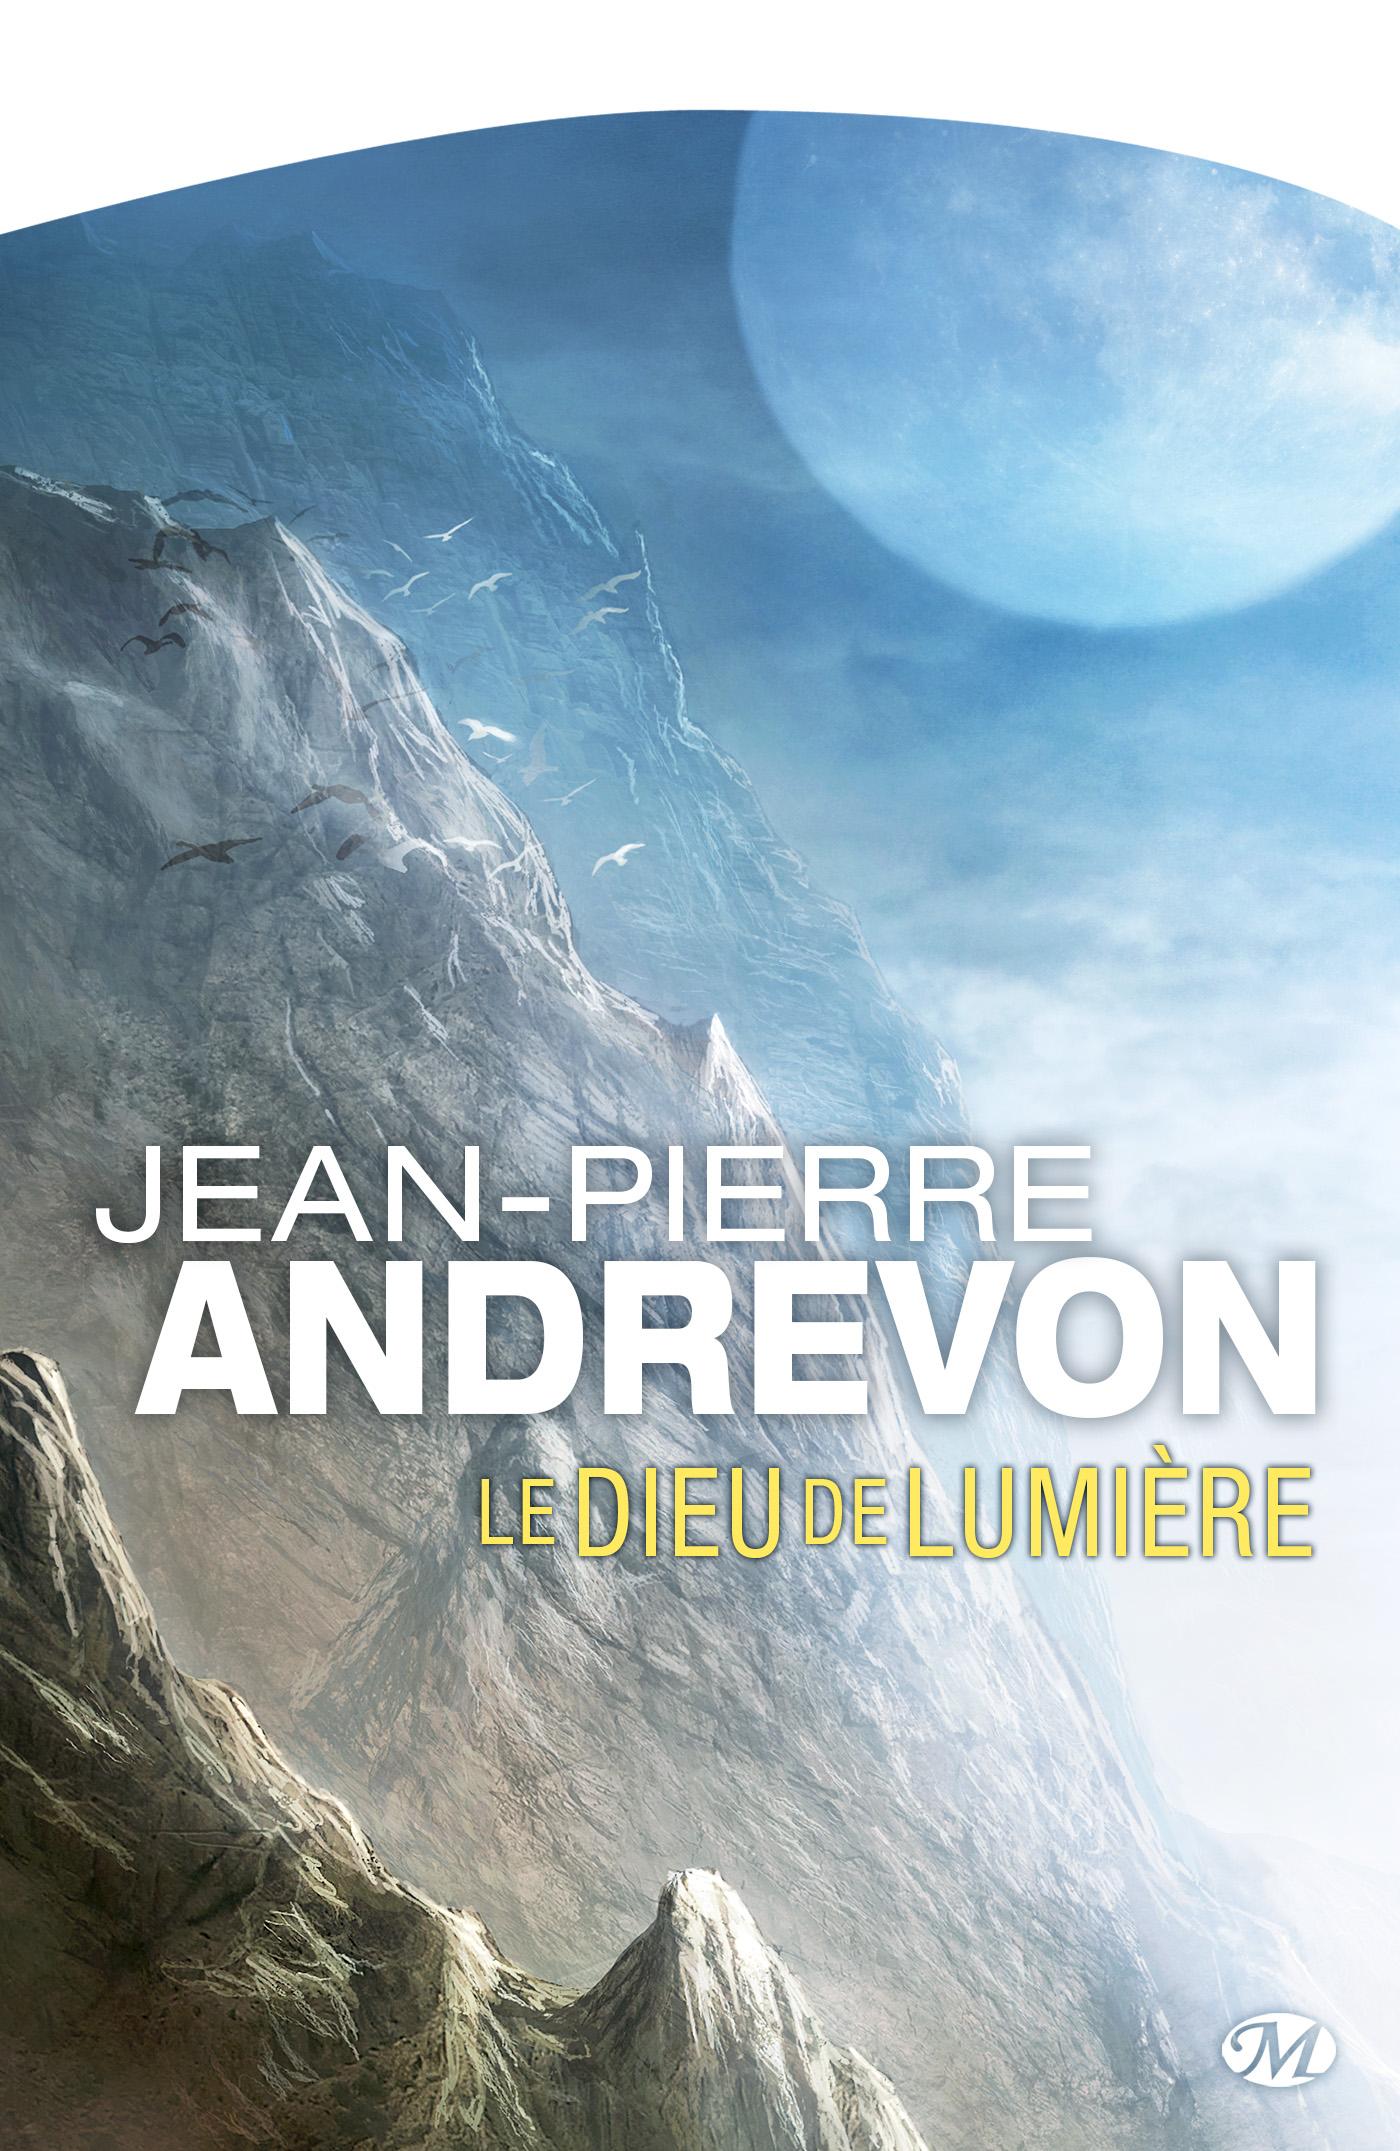 Le Dieu de lumière (Jean-Pierre Andrevon)